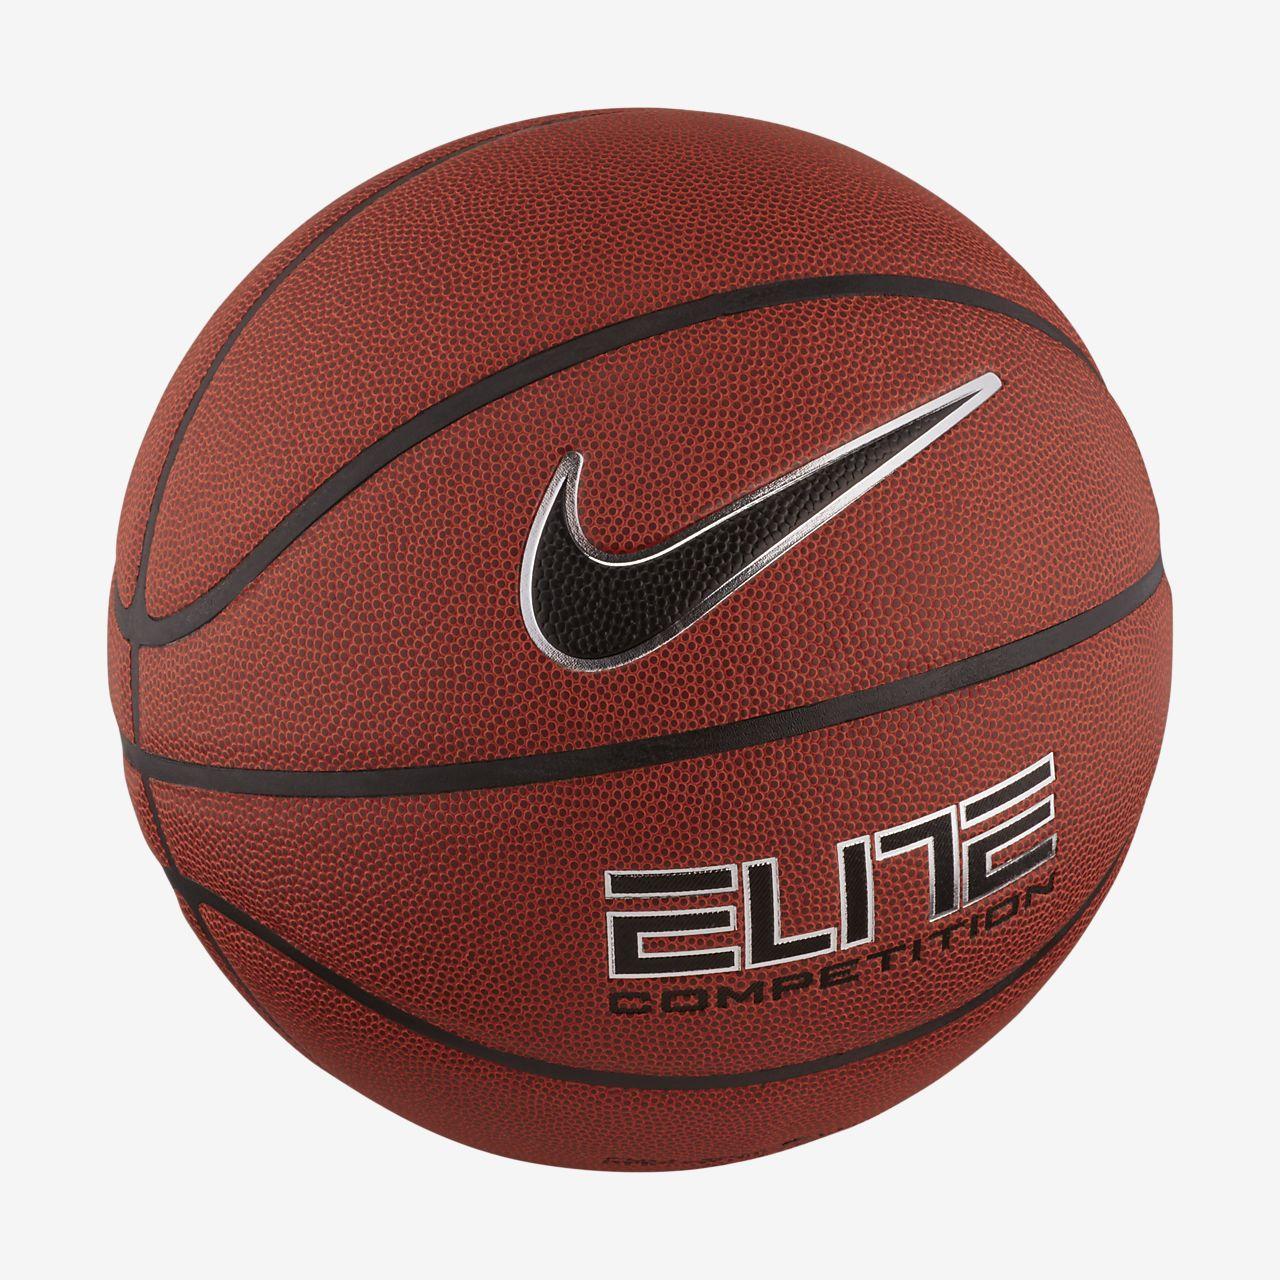 Ballon de basketball Nike Elite Competition 8P